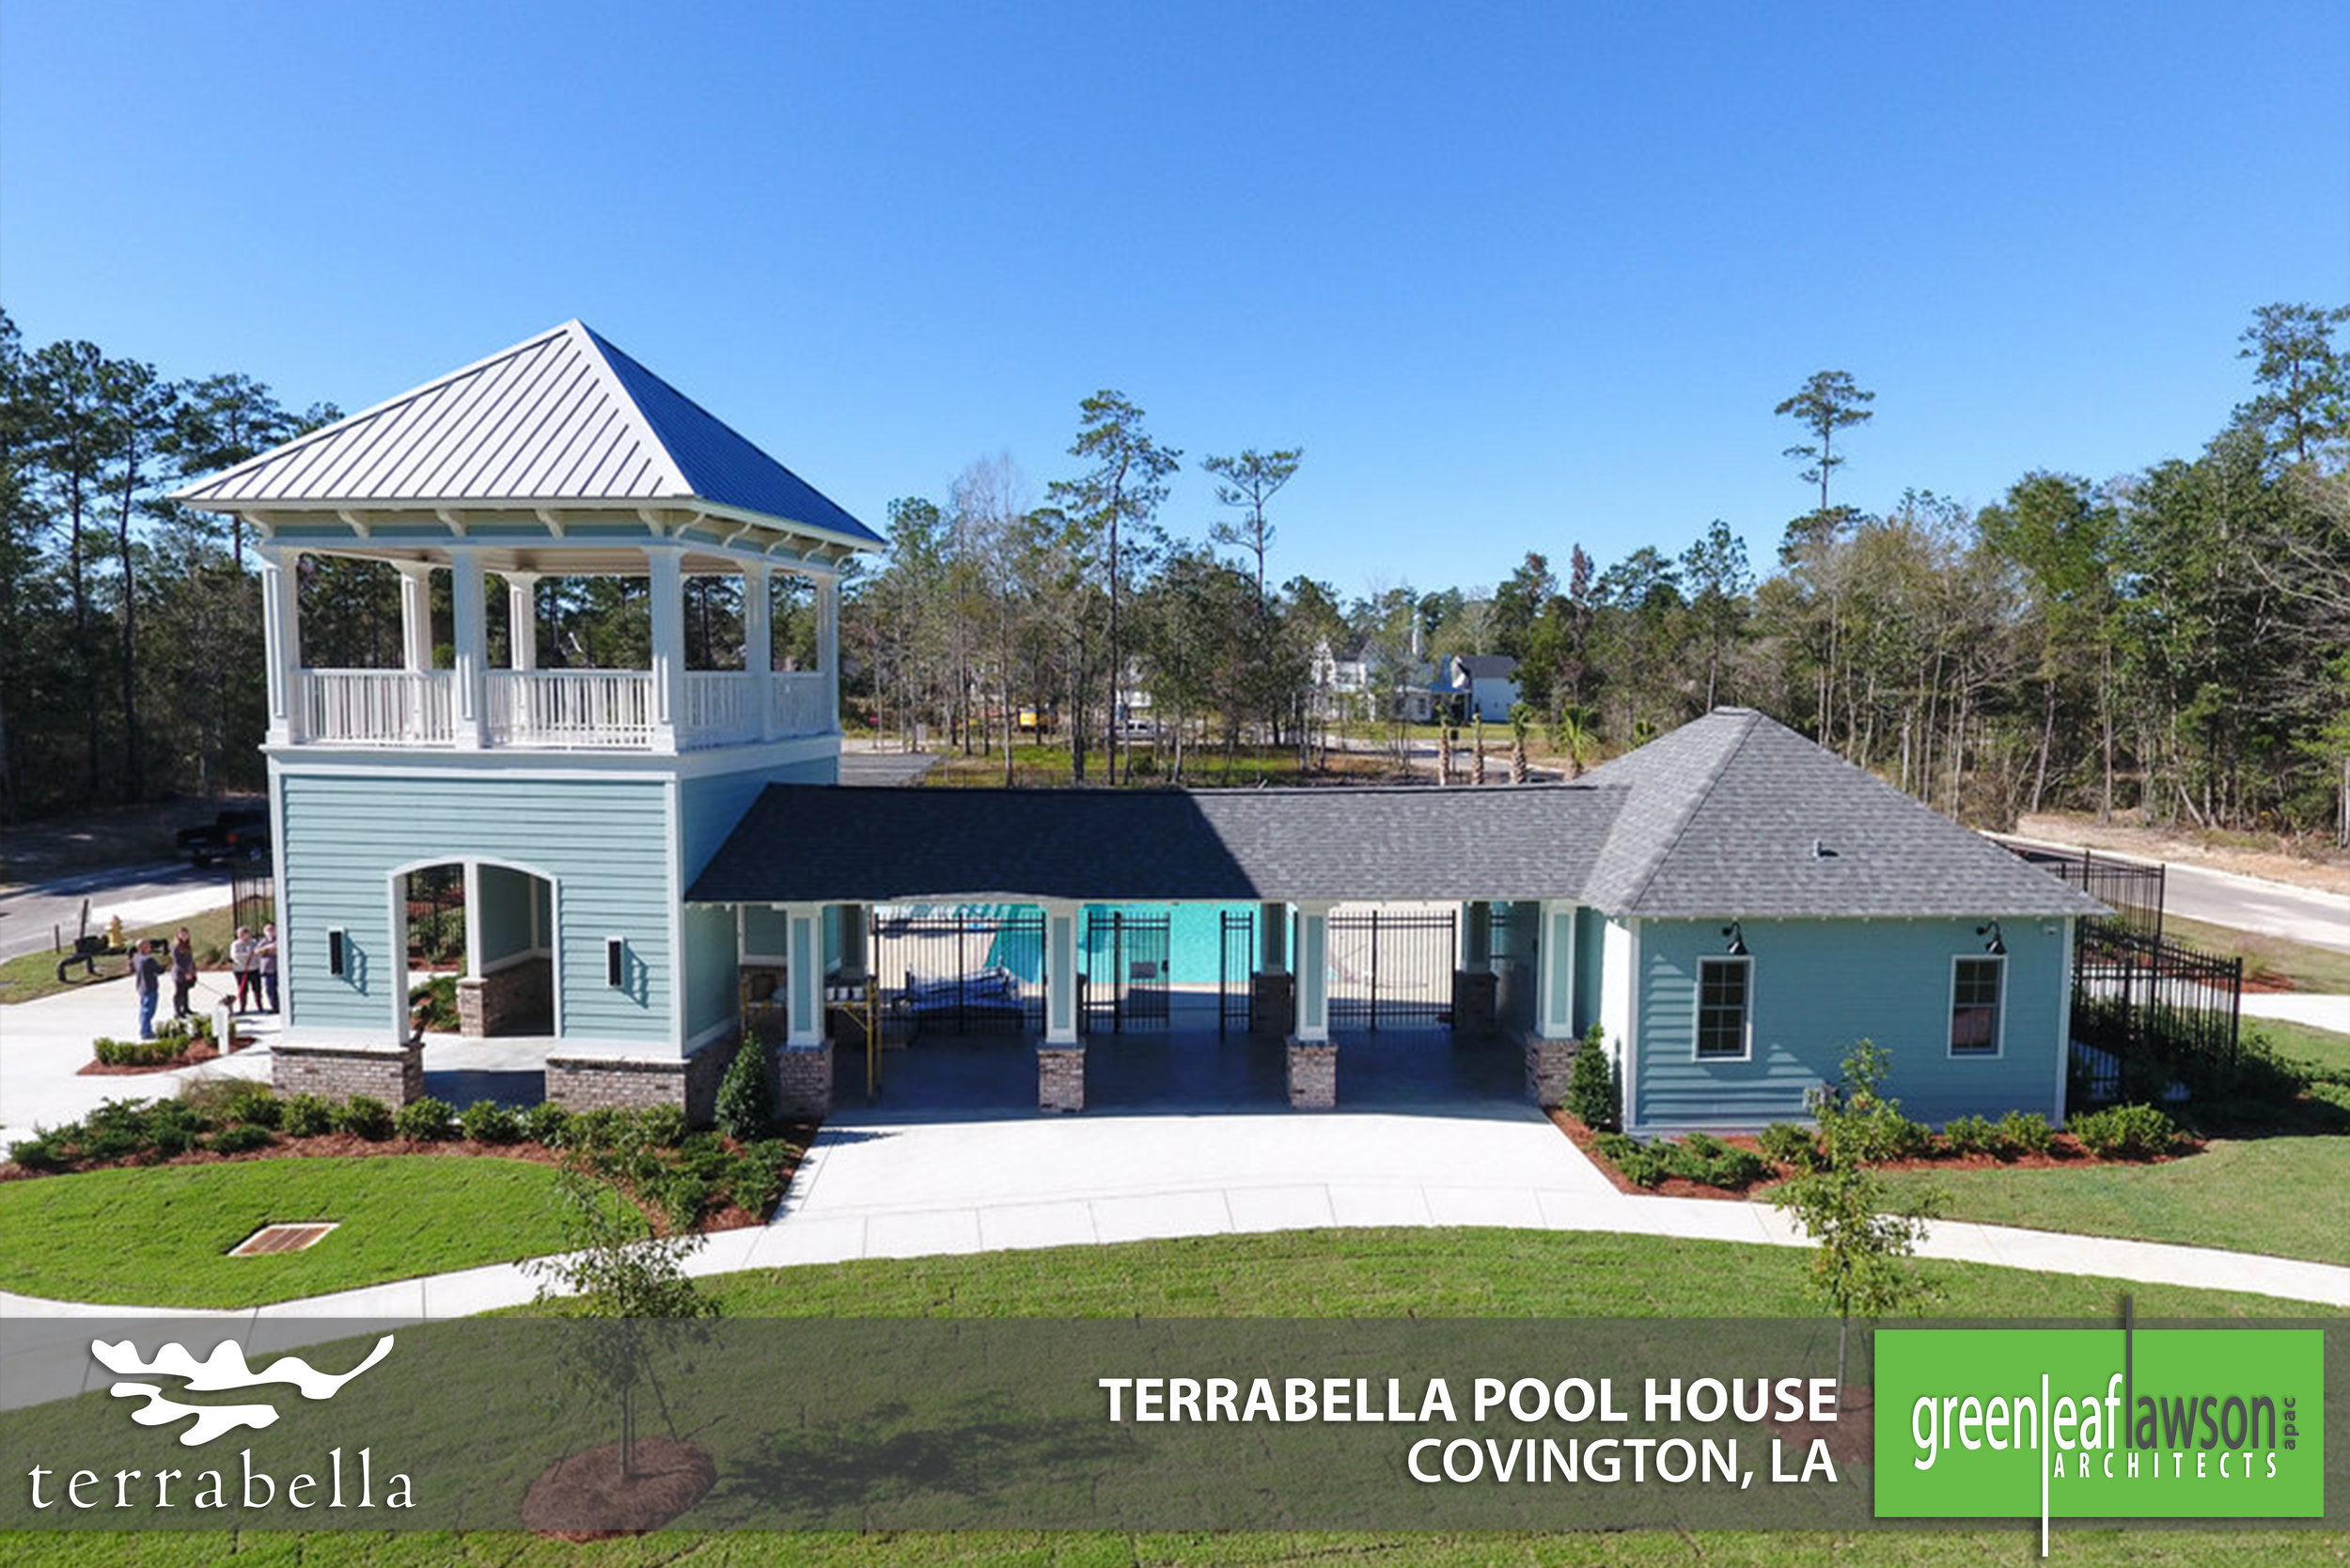 TerraBella Pool House 1.jpg